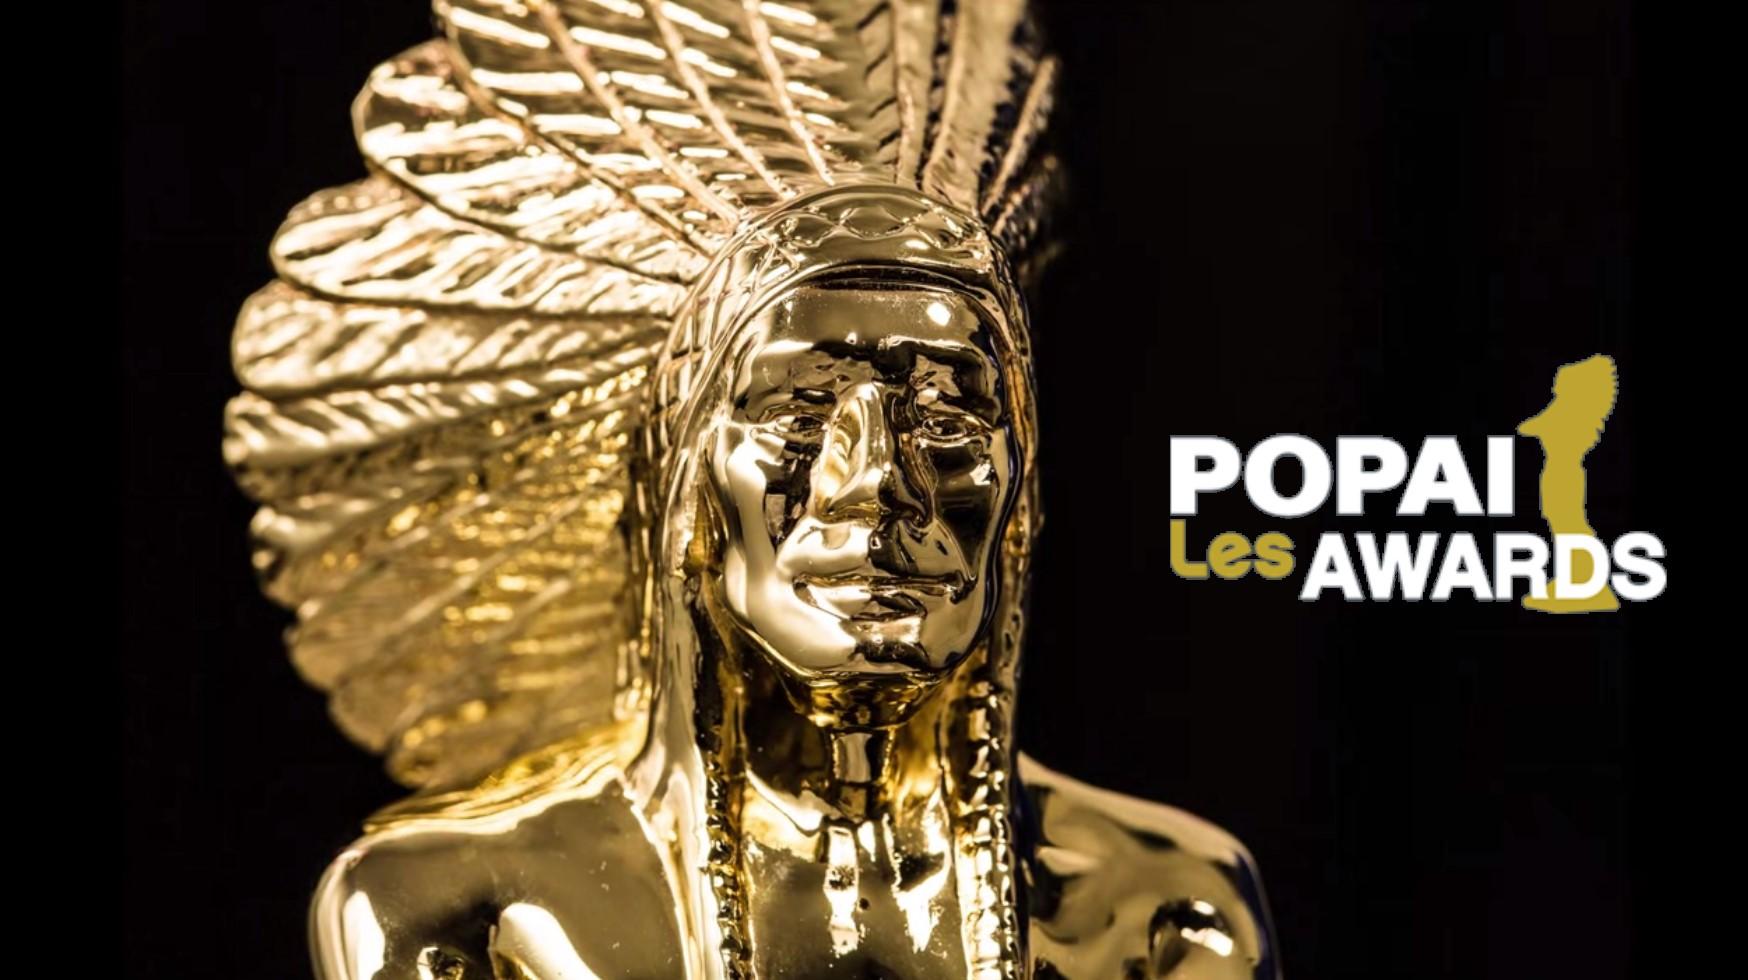 popai awards 2015